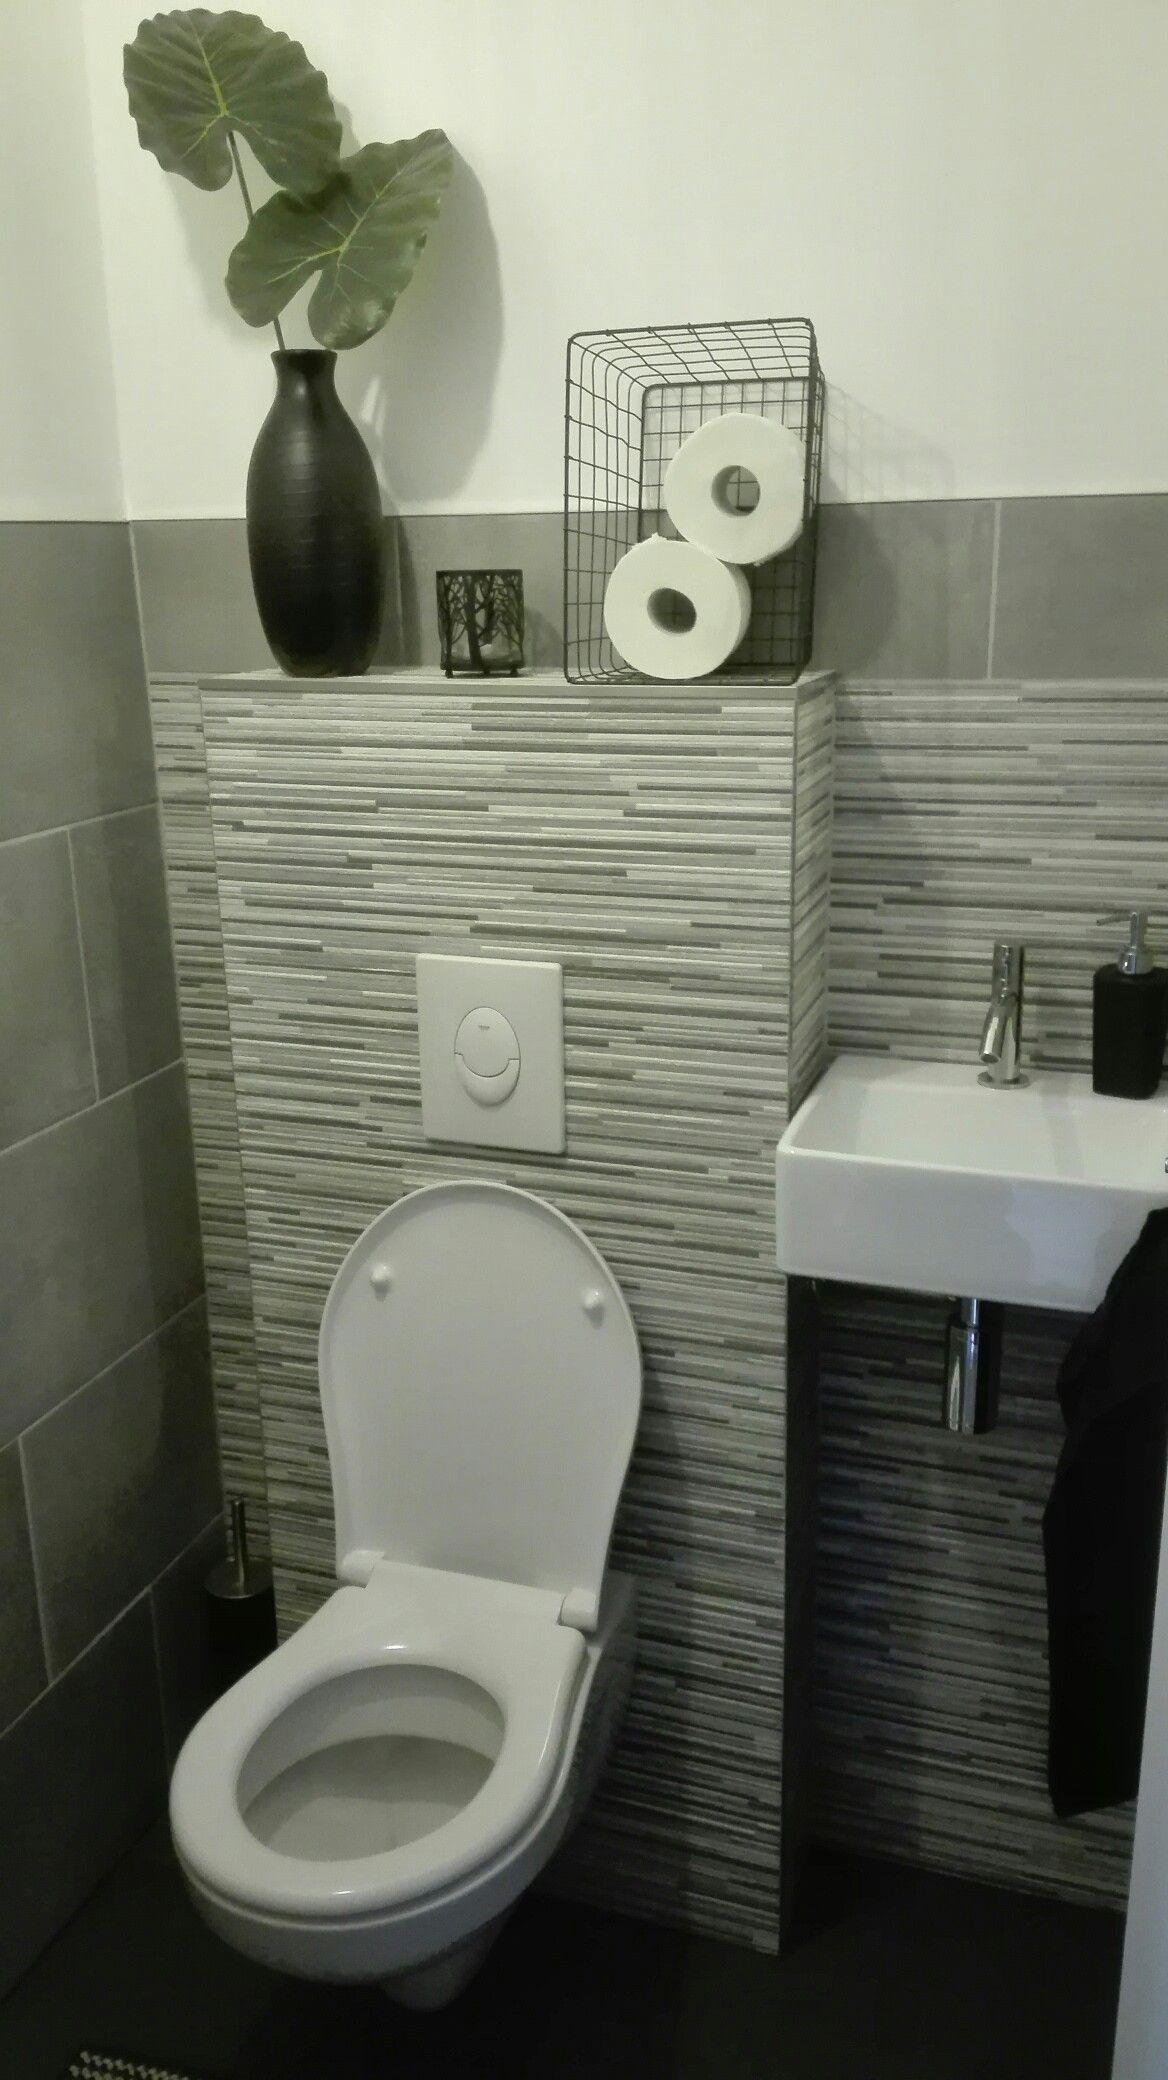 betonlook toilet donkere vloertegels cement kleurige wandtegels